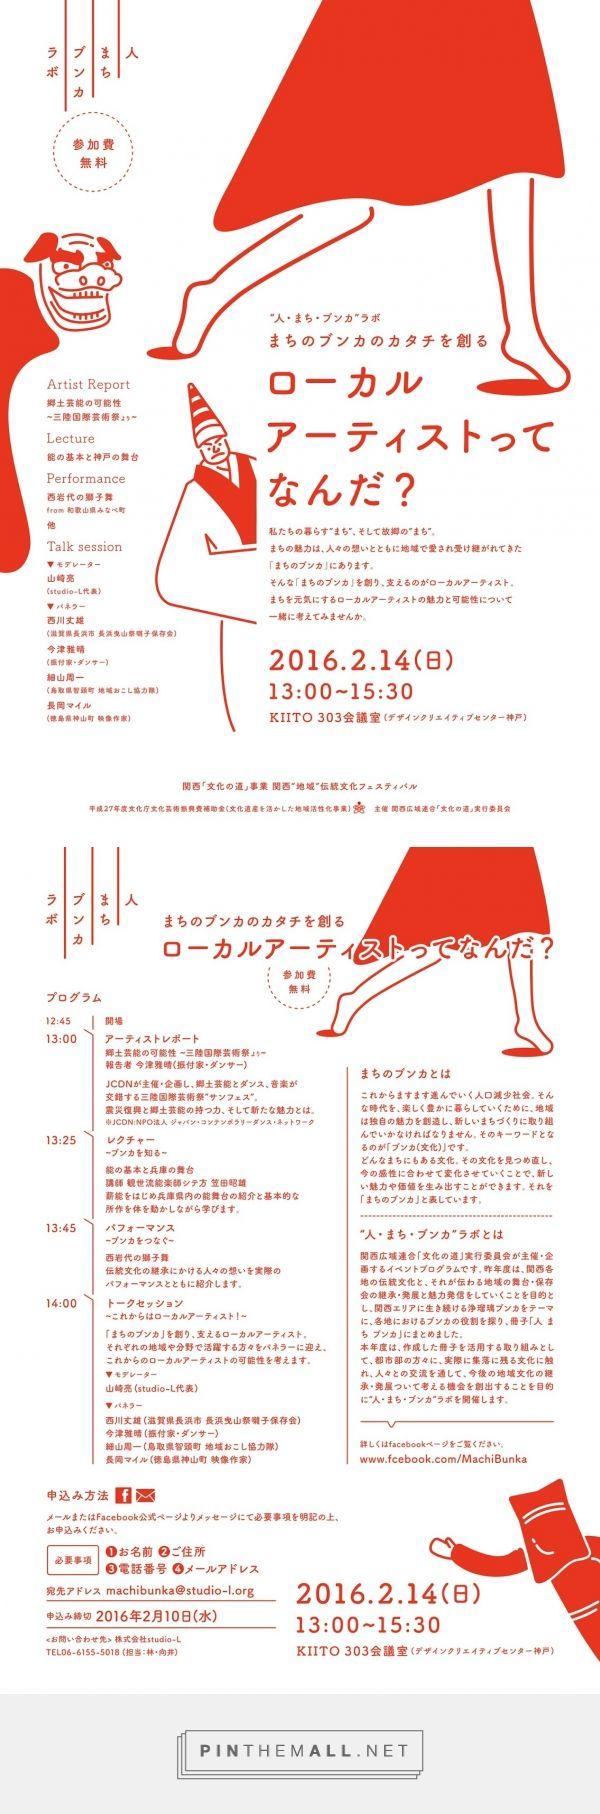 """studio-L blog: 【参加者募集!】""""人・まち・ブンカ""""ラボ 開催します!"""